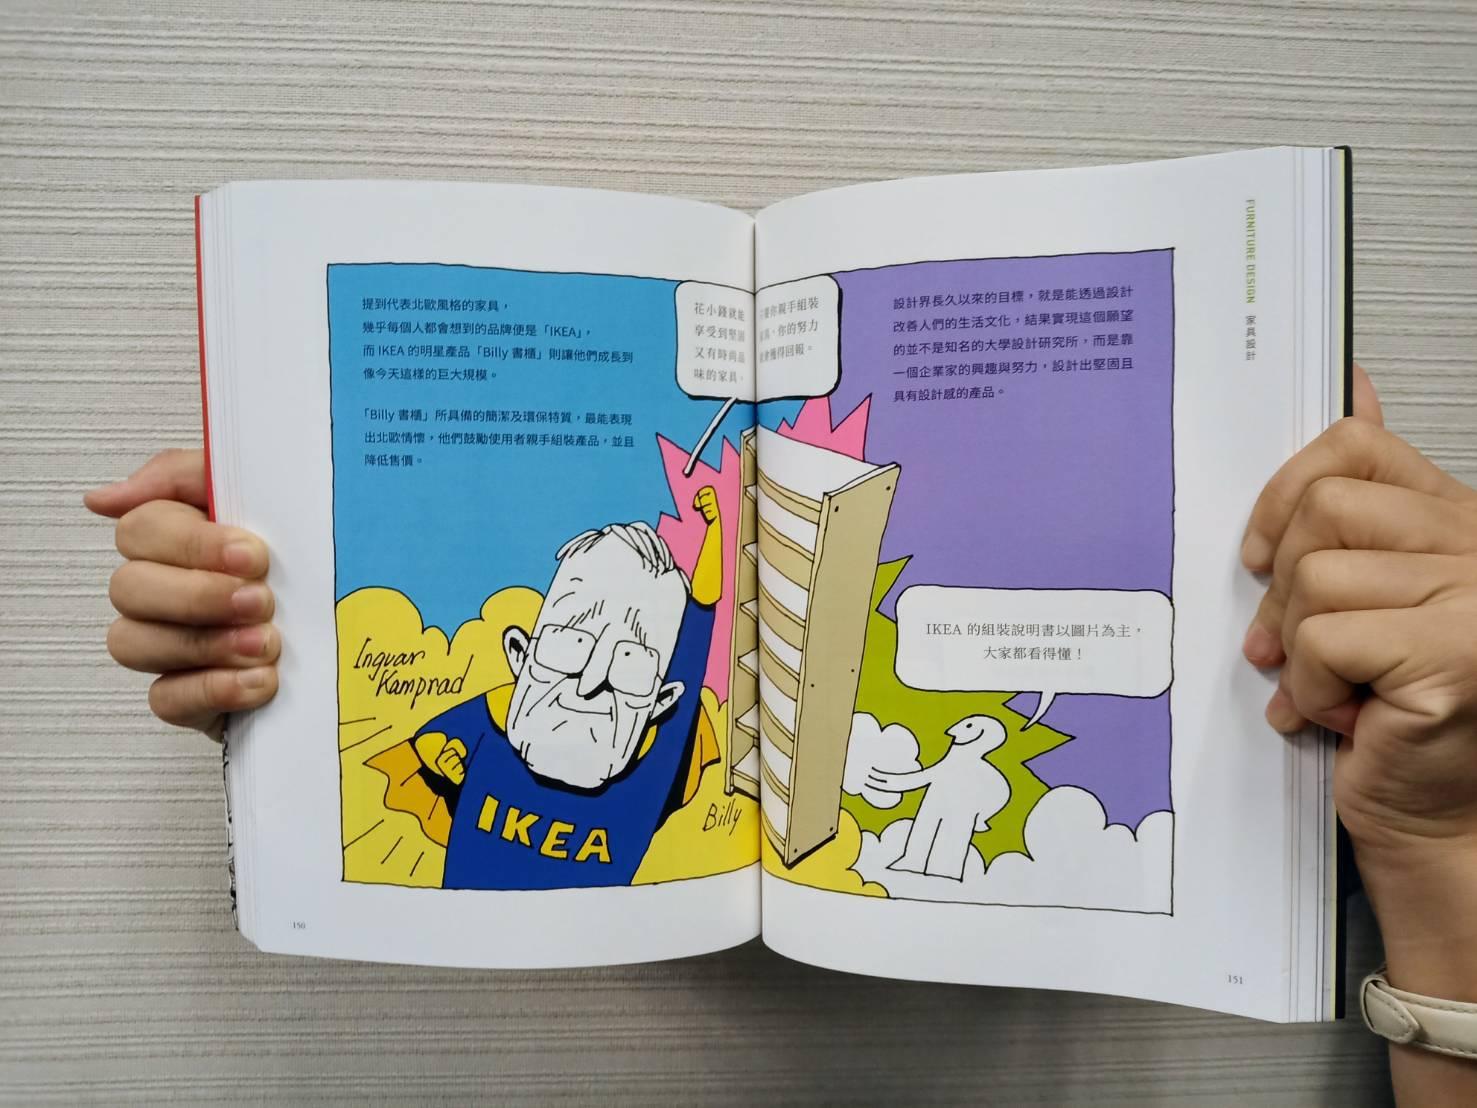 美感教育繪本推薦—培養孩子美感從「看漫畫學設計」開始